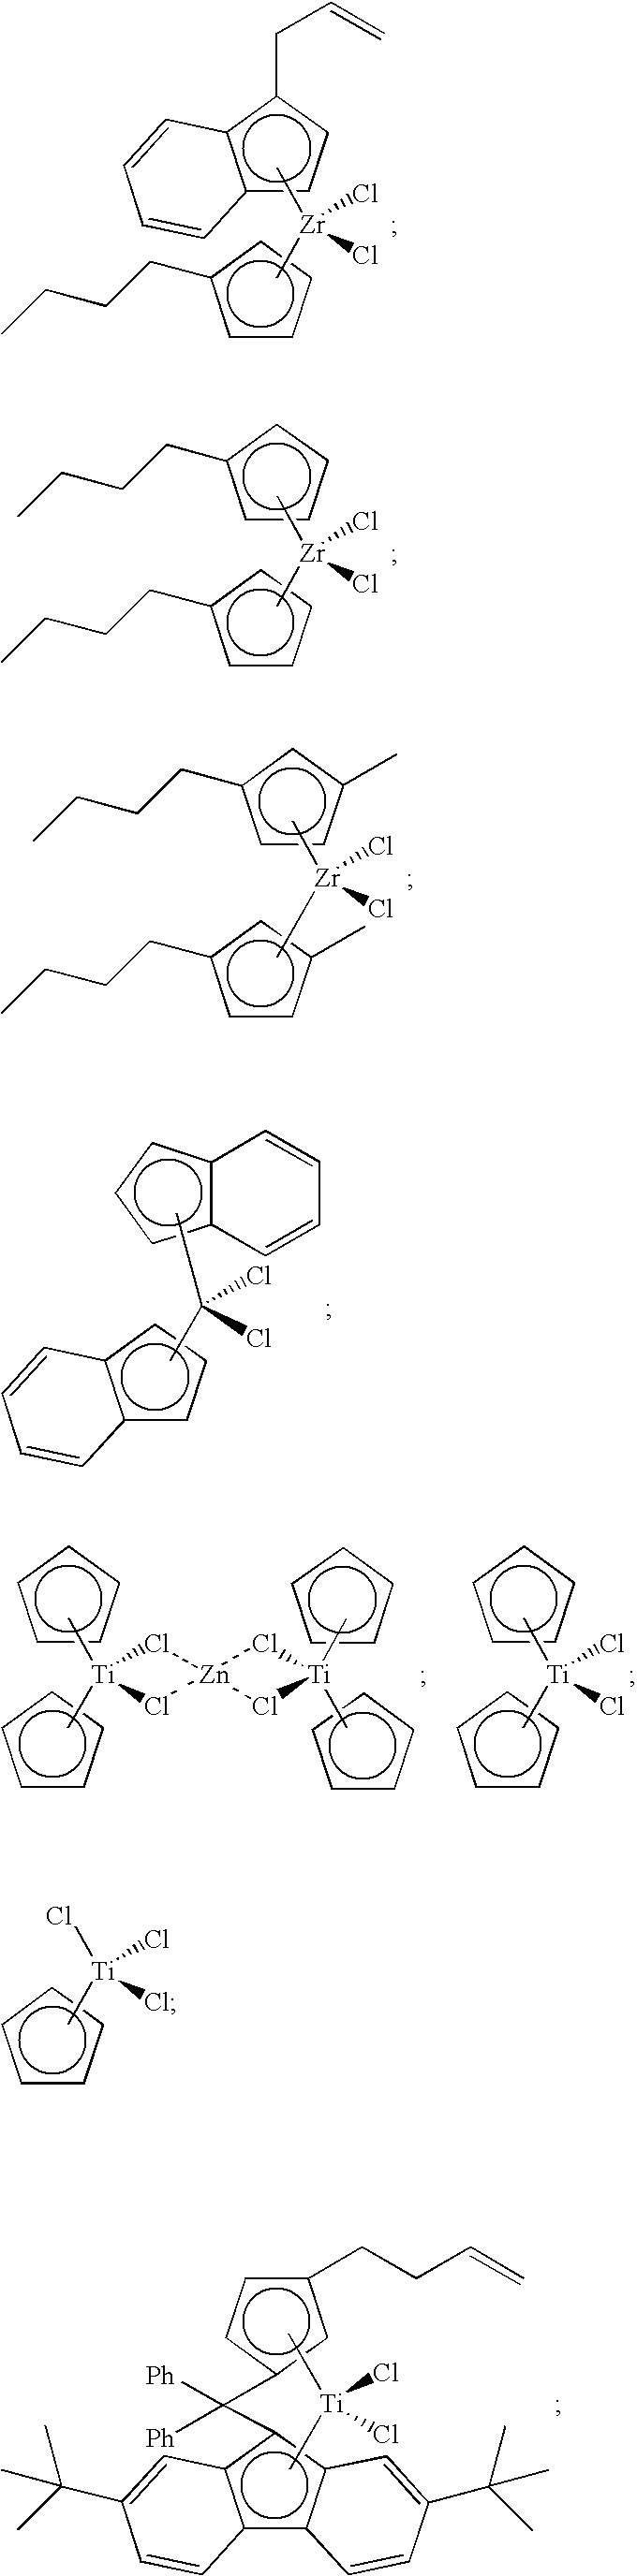 Figure US20100331505A1-20101230-C00033